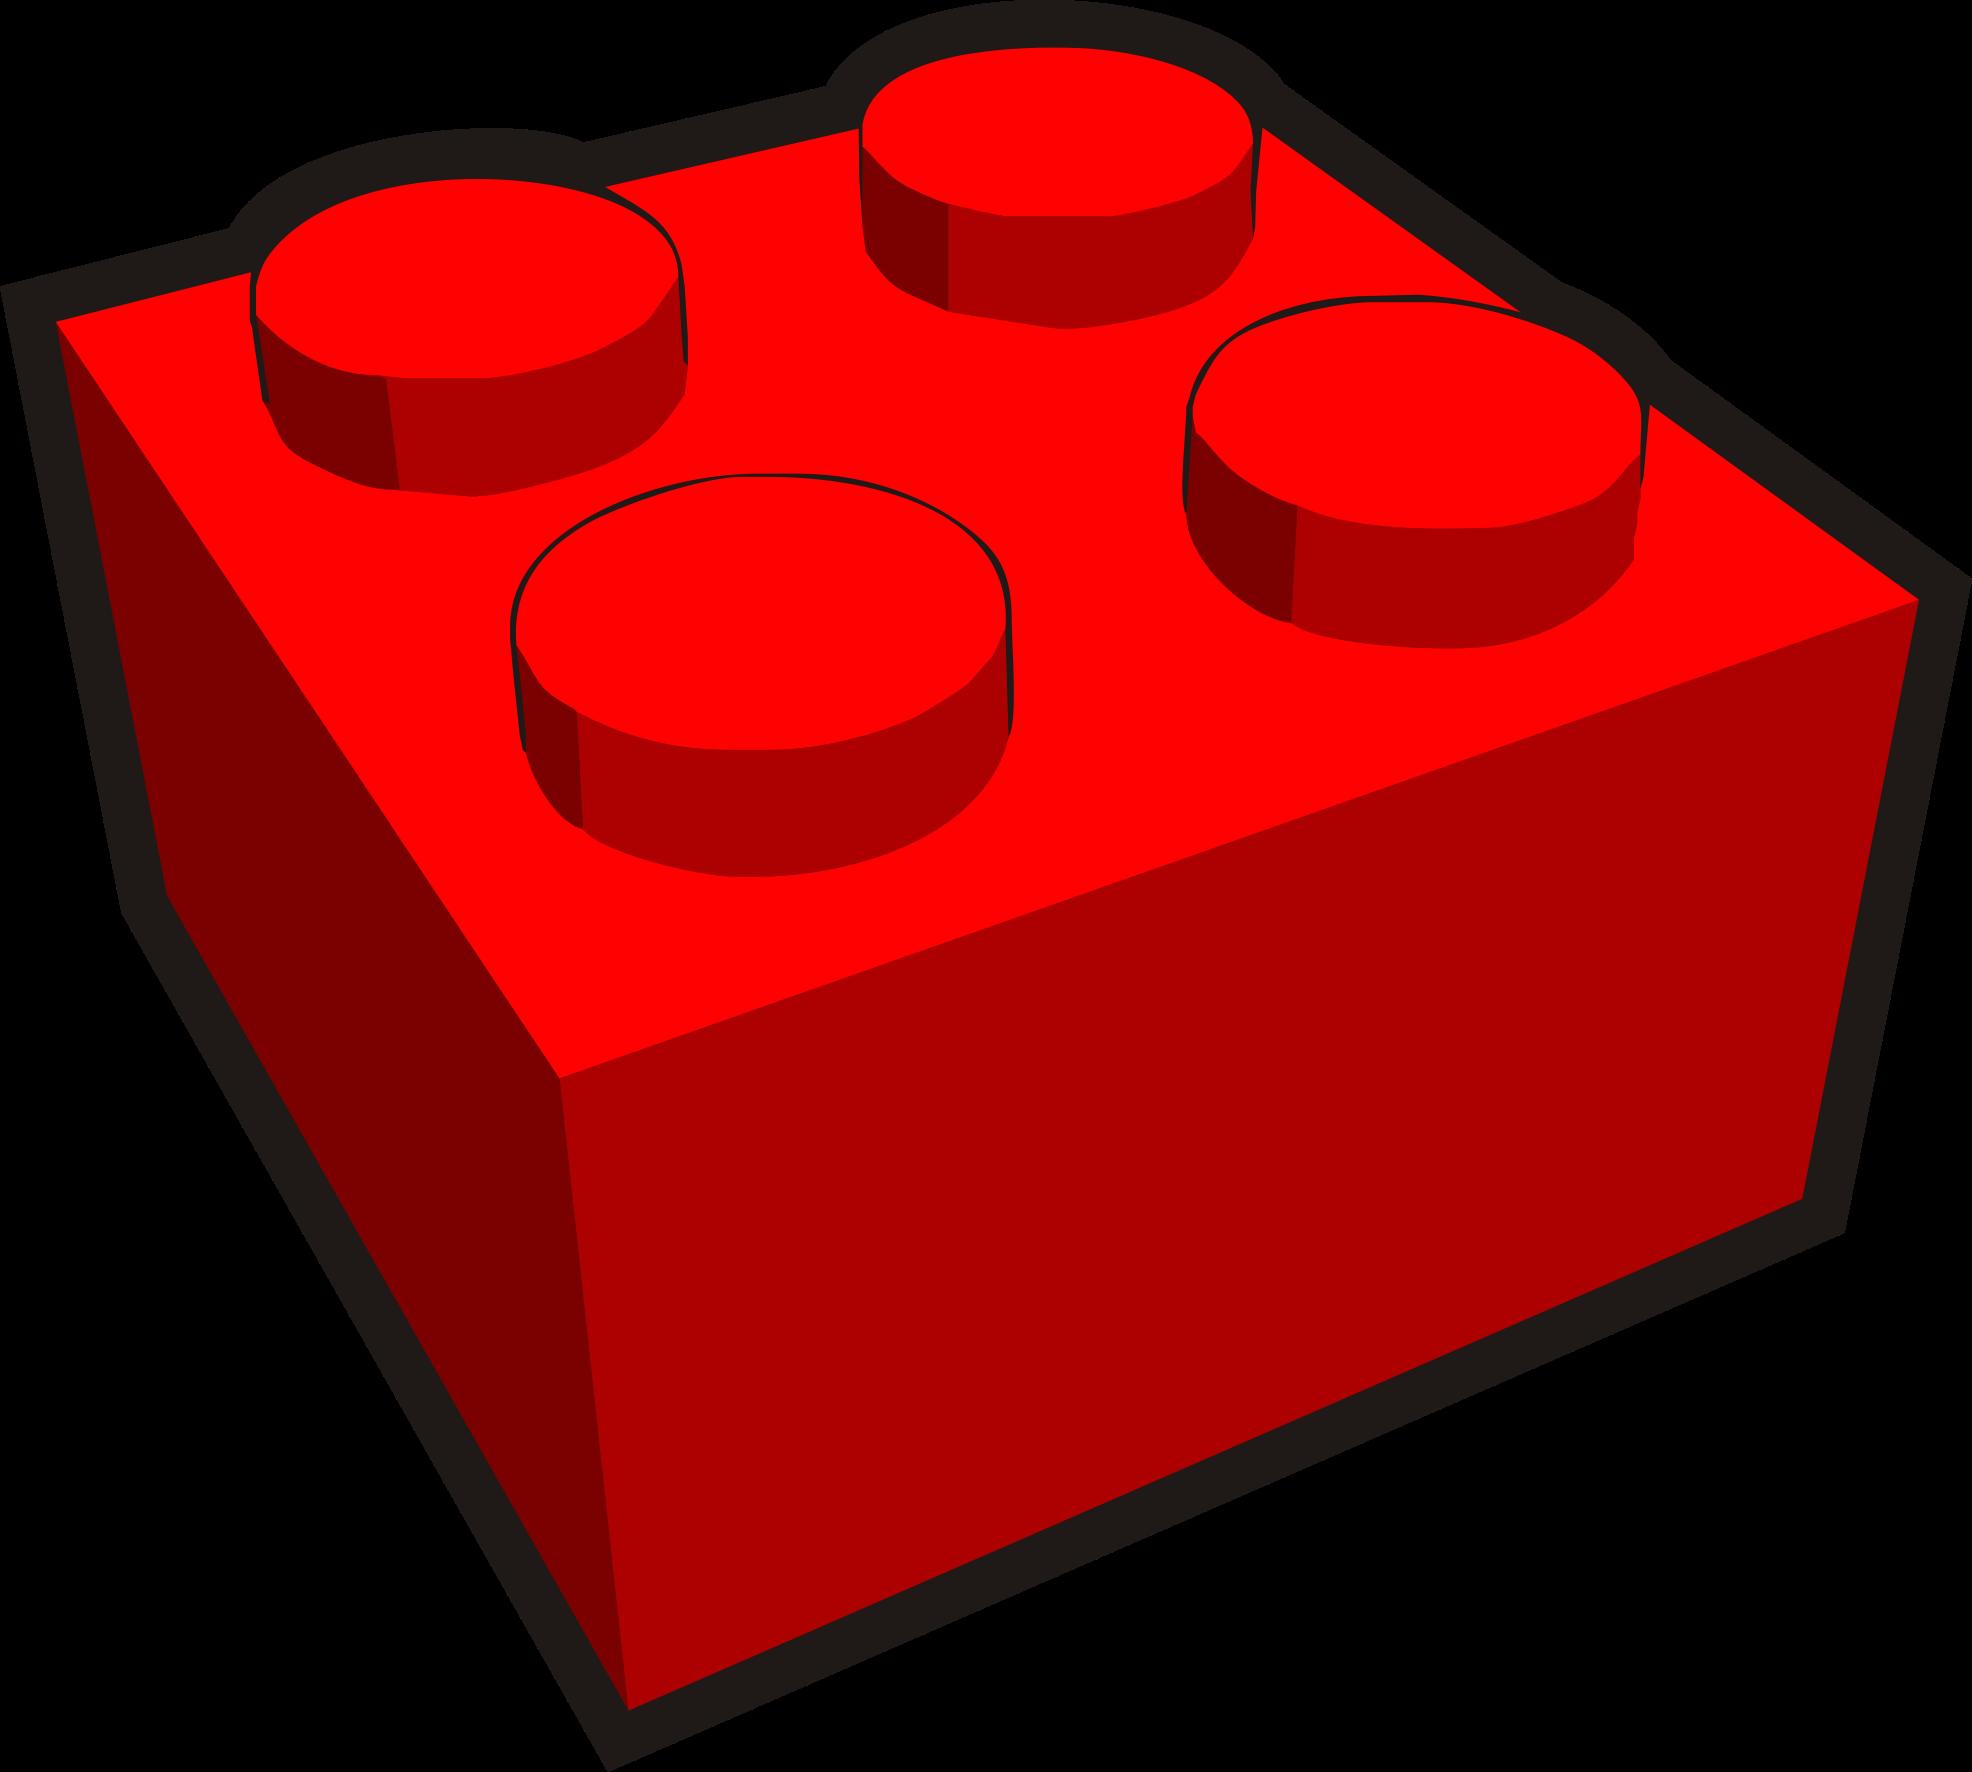 Legos brick